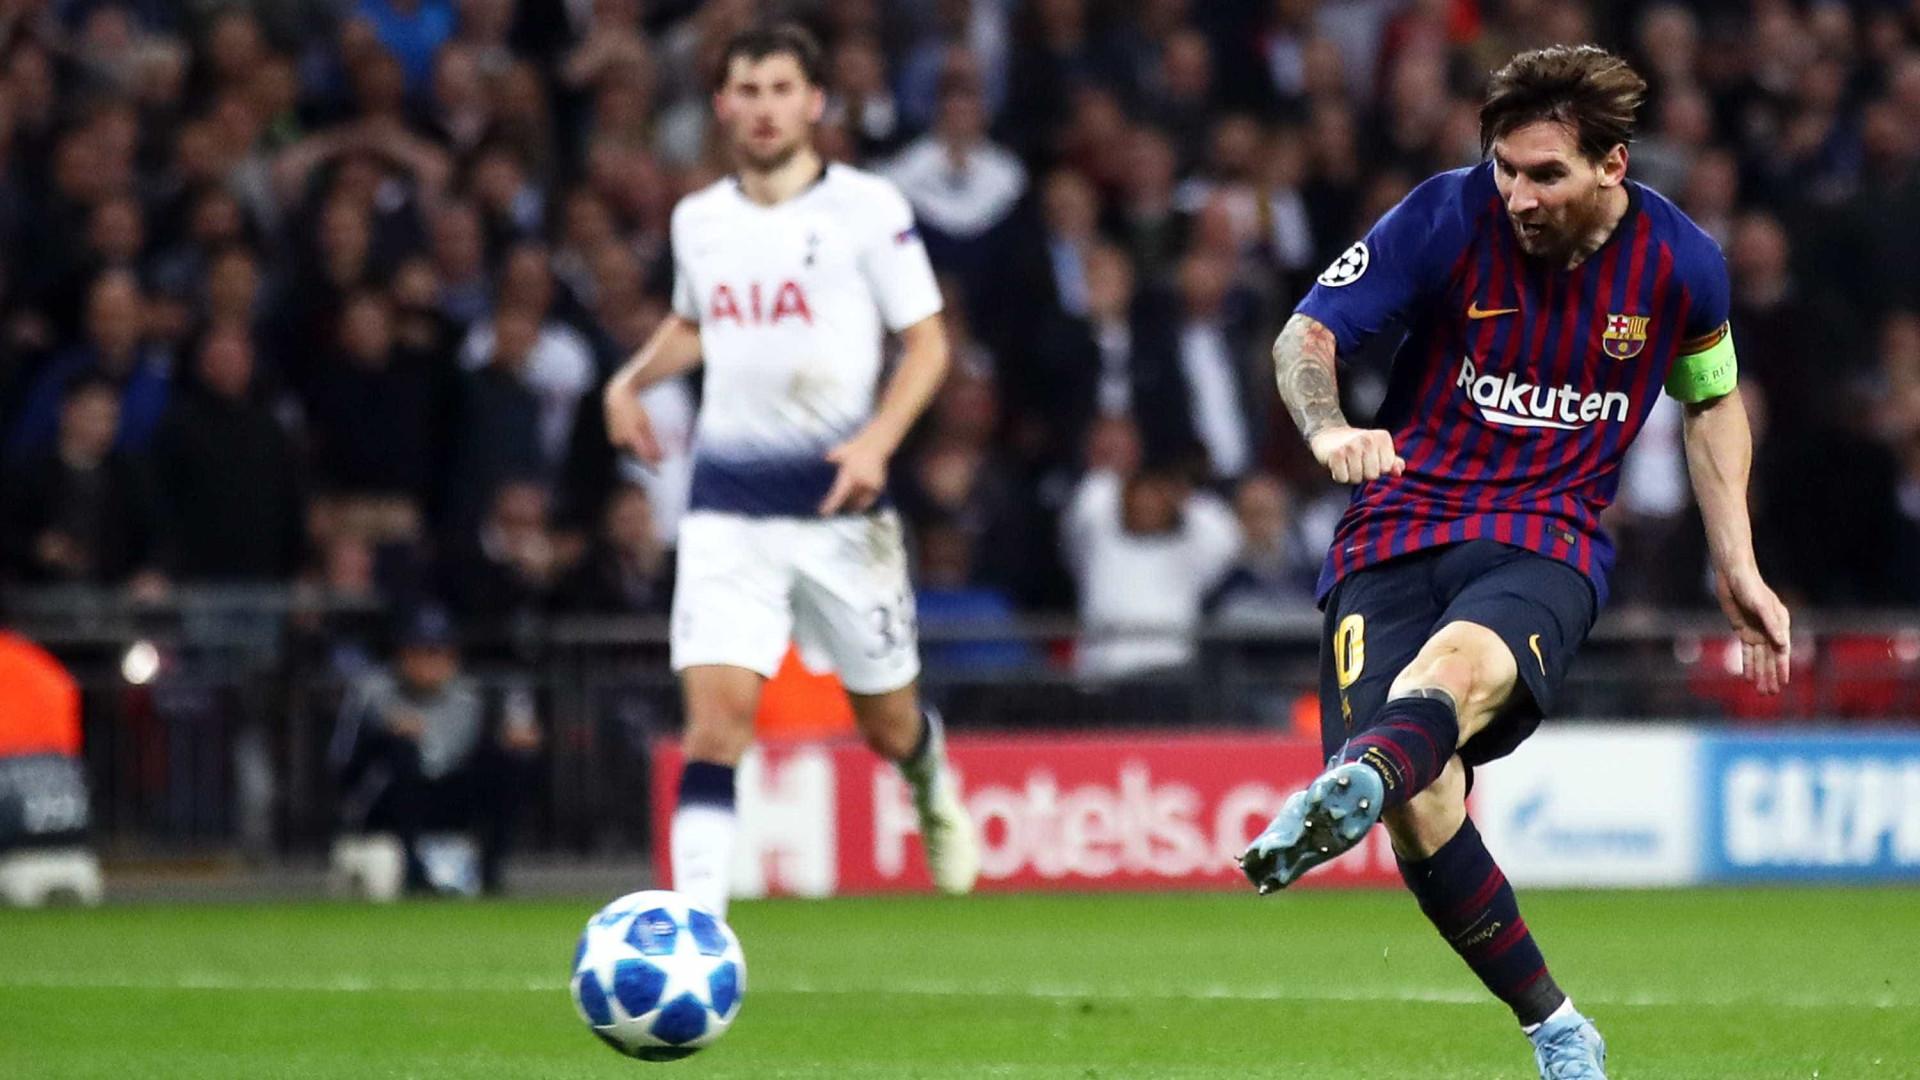 Com gols de Messi e Coutinho, Barça vence o Tottenham em Wembley